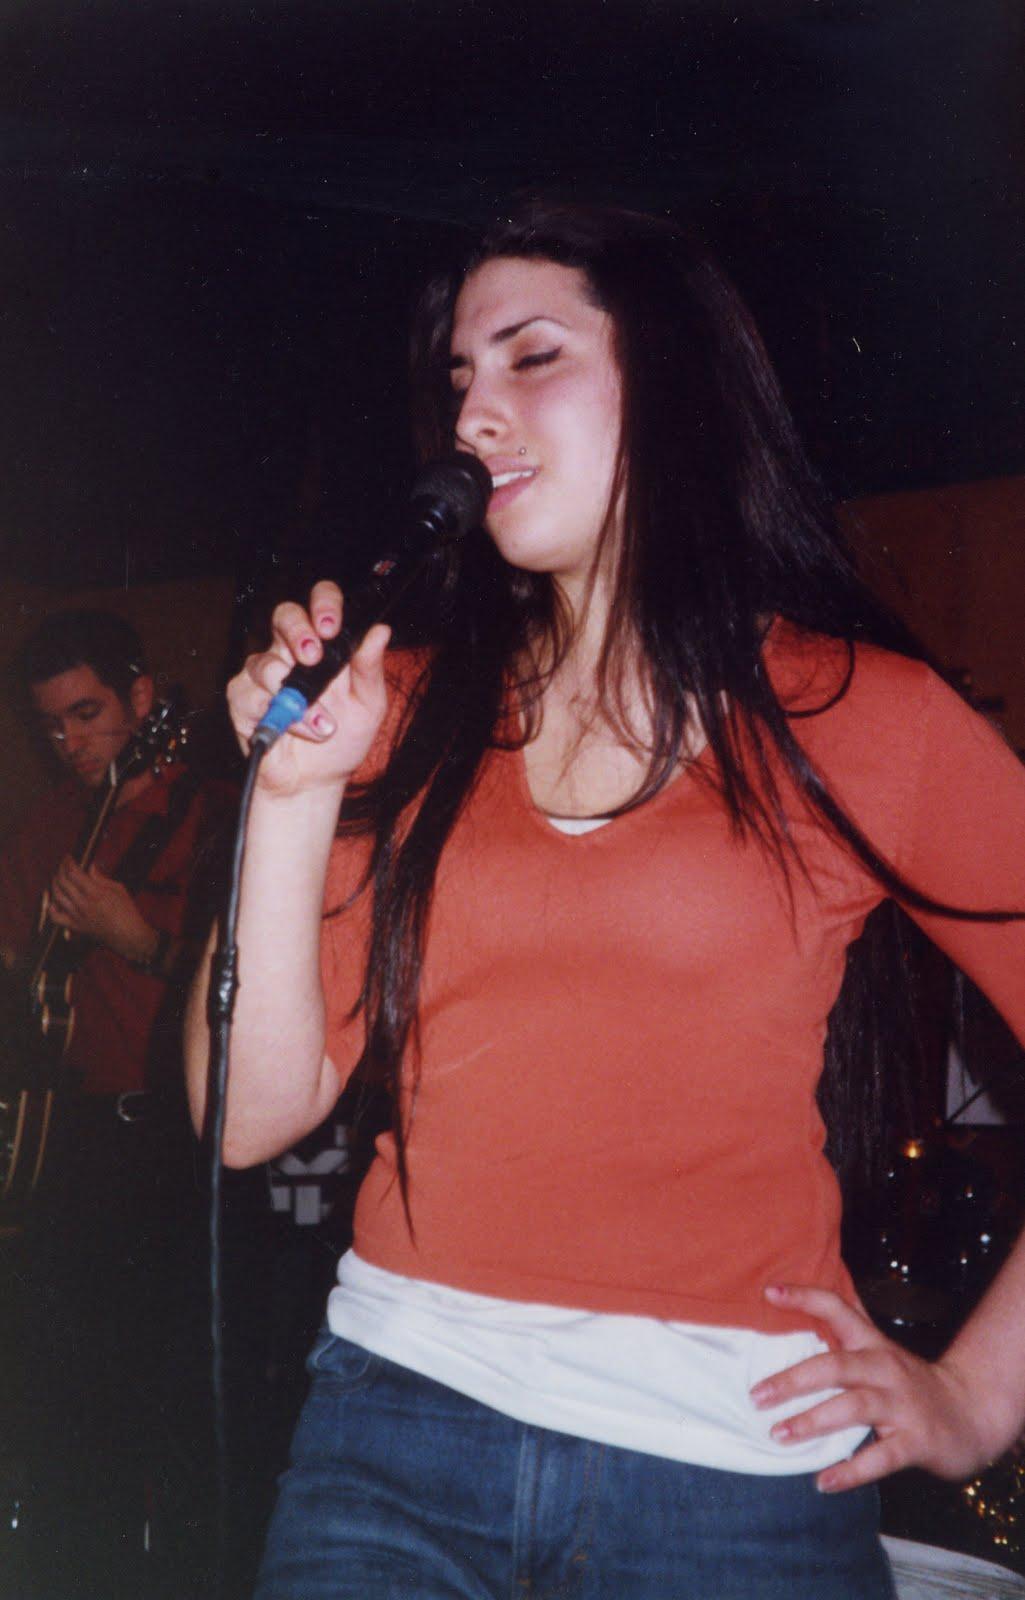 http://3.bp.blogspot.com/-fpZXM_jRDRk/Ti10Q40Mu8I/AAAAAAAADuo/21uWcmBhHTU/s1600/Amy%2BWinehouse3.jpg